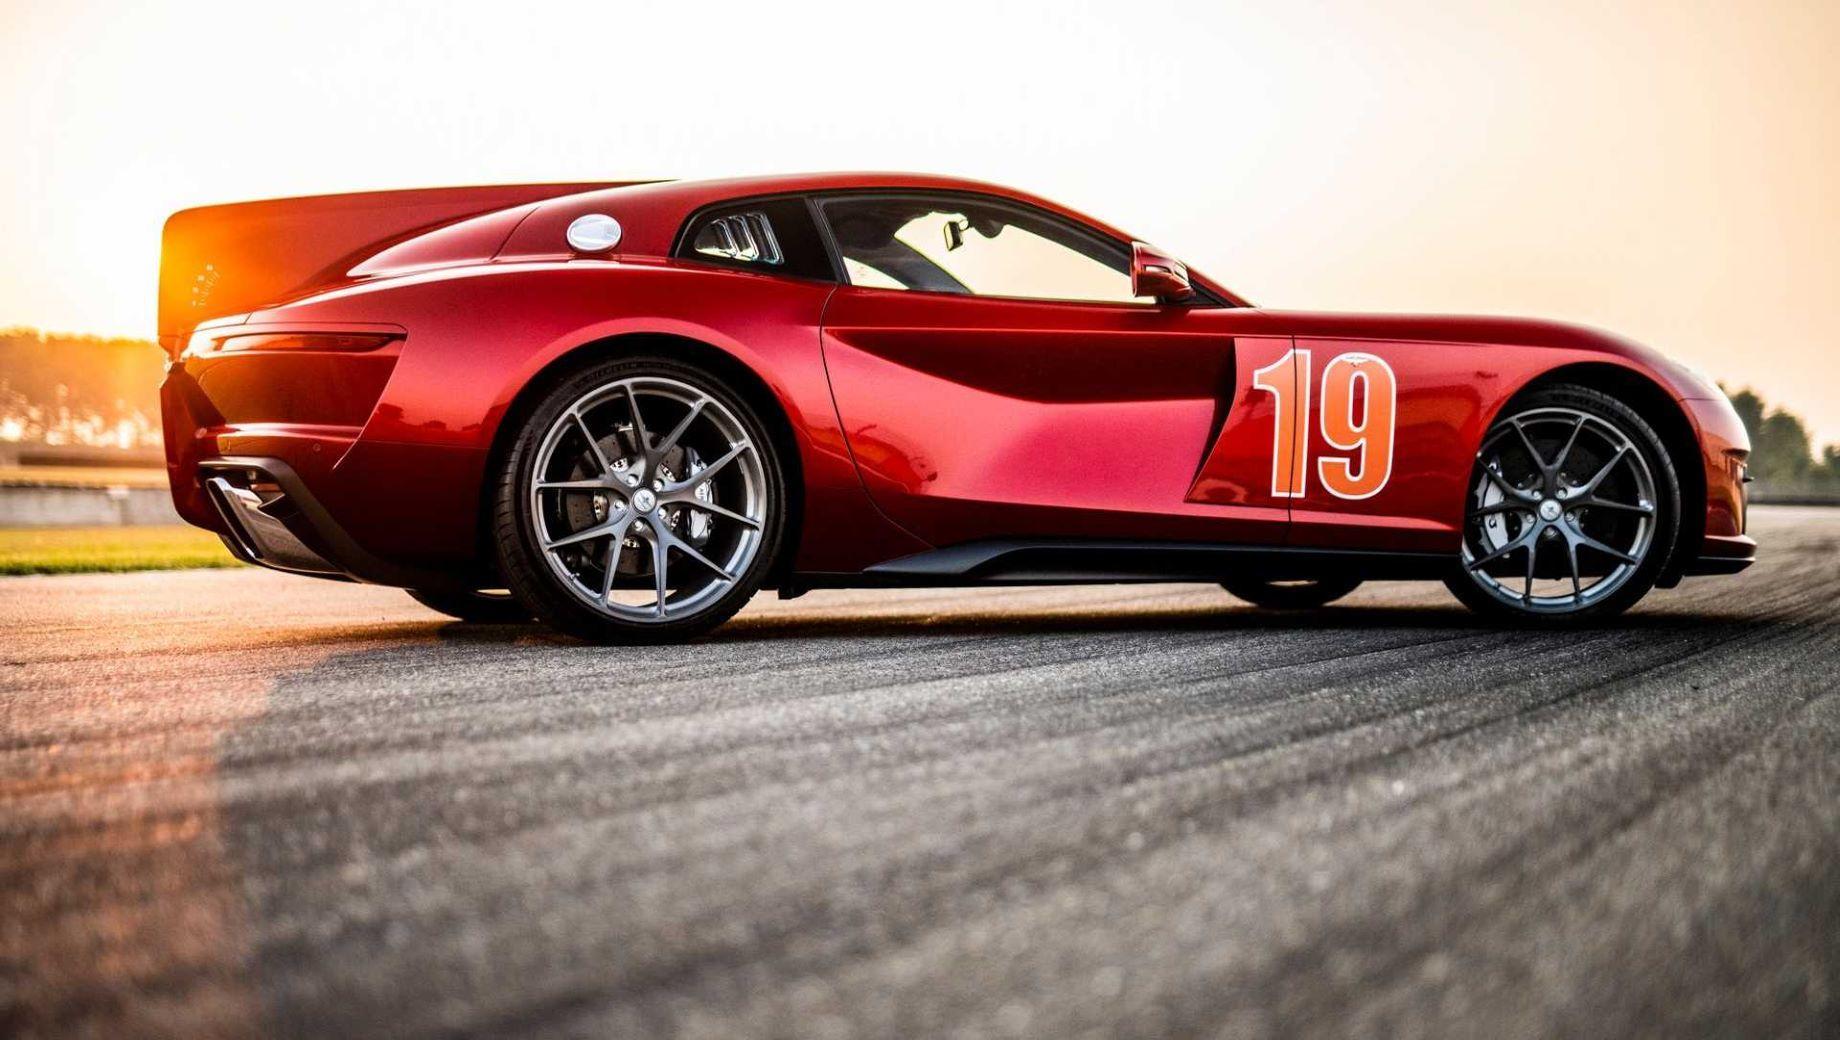 Купе Carrozzeria Touring Aero 3 оказалось переосмысленной Ferrari